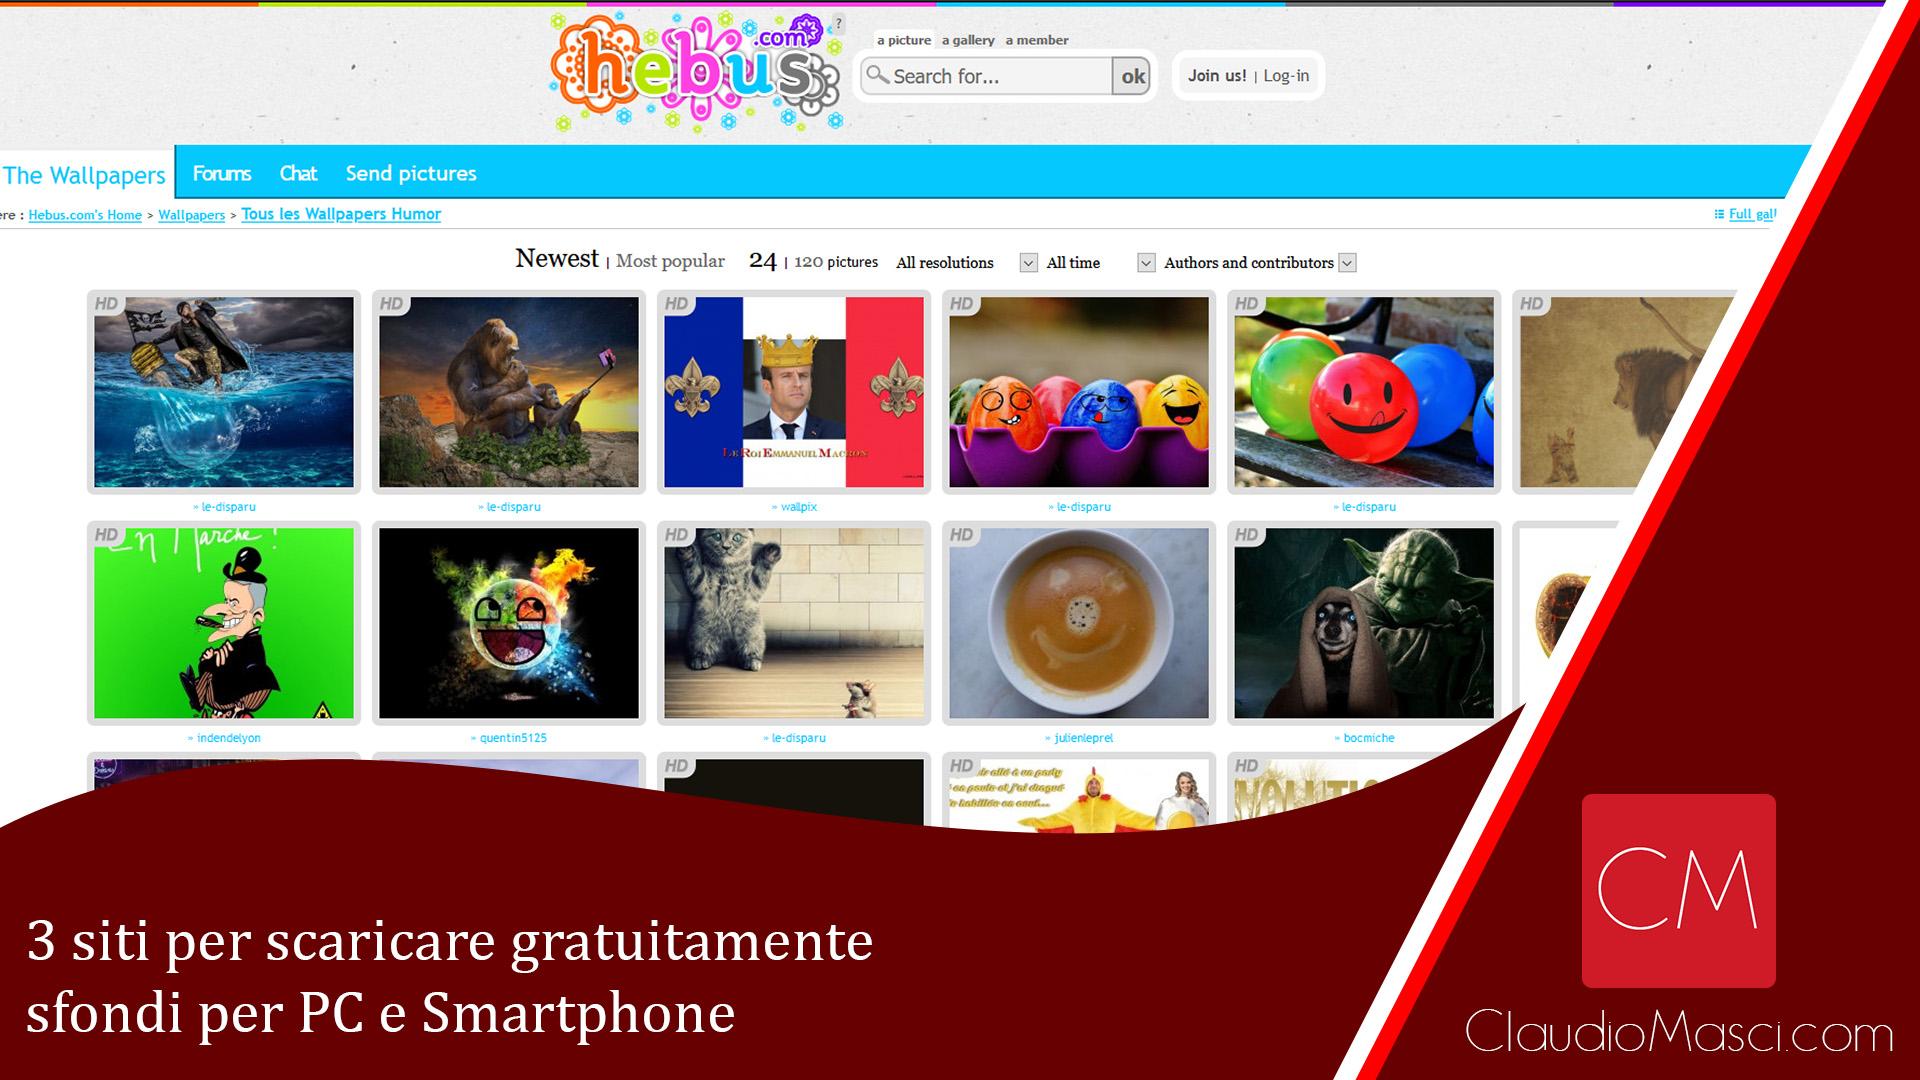 3 siti per scaricare gratuitamente sfondi per PC e Smartphone